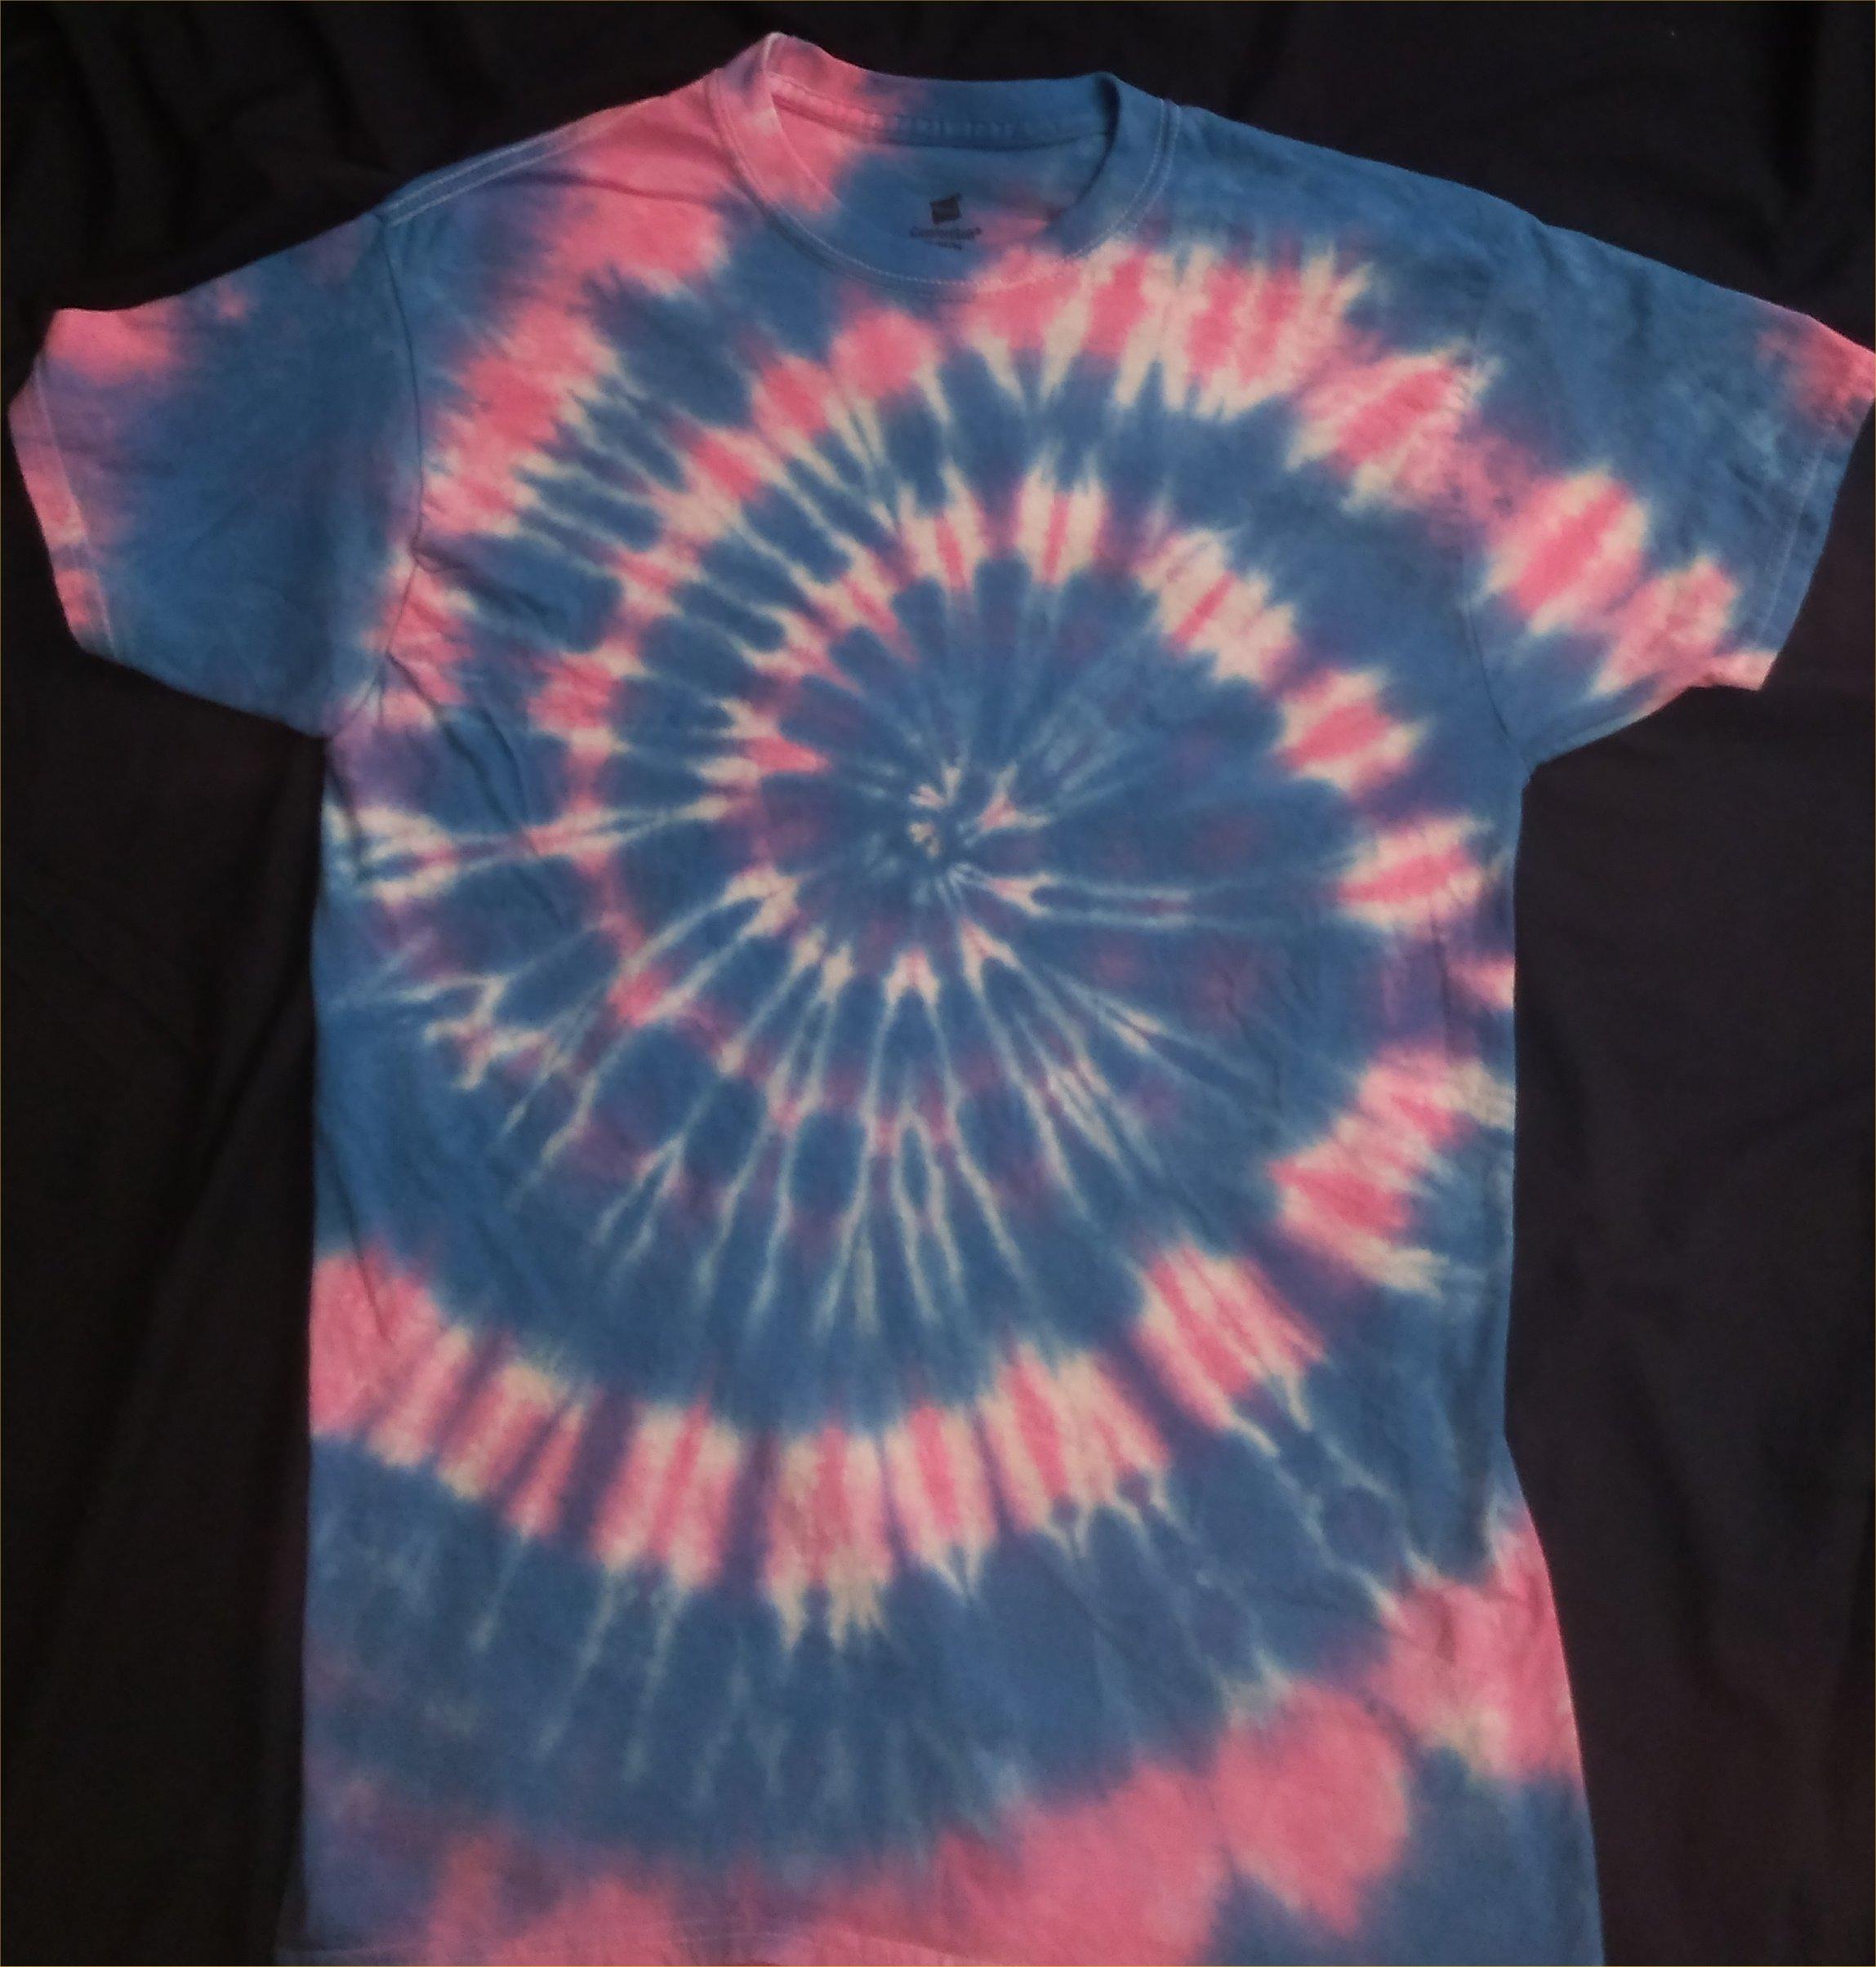 Cotton Candy Tie Dye T Shirt Size M